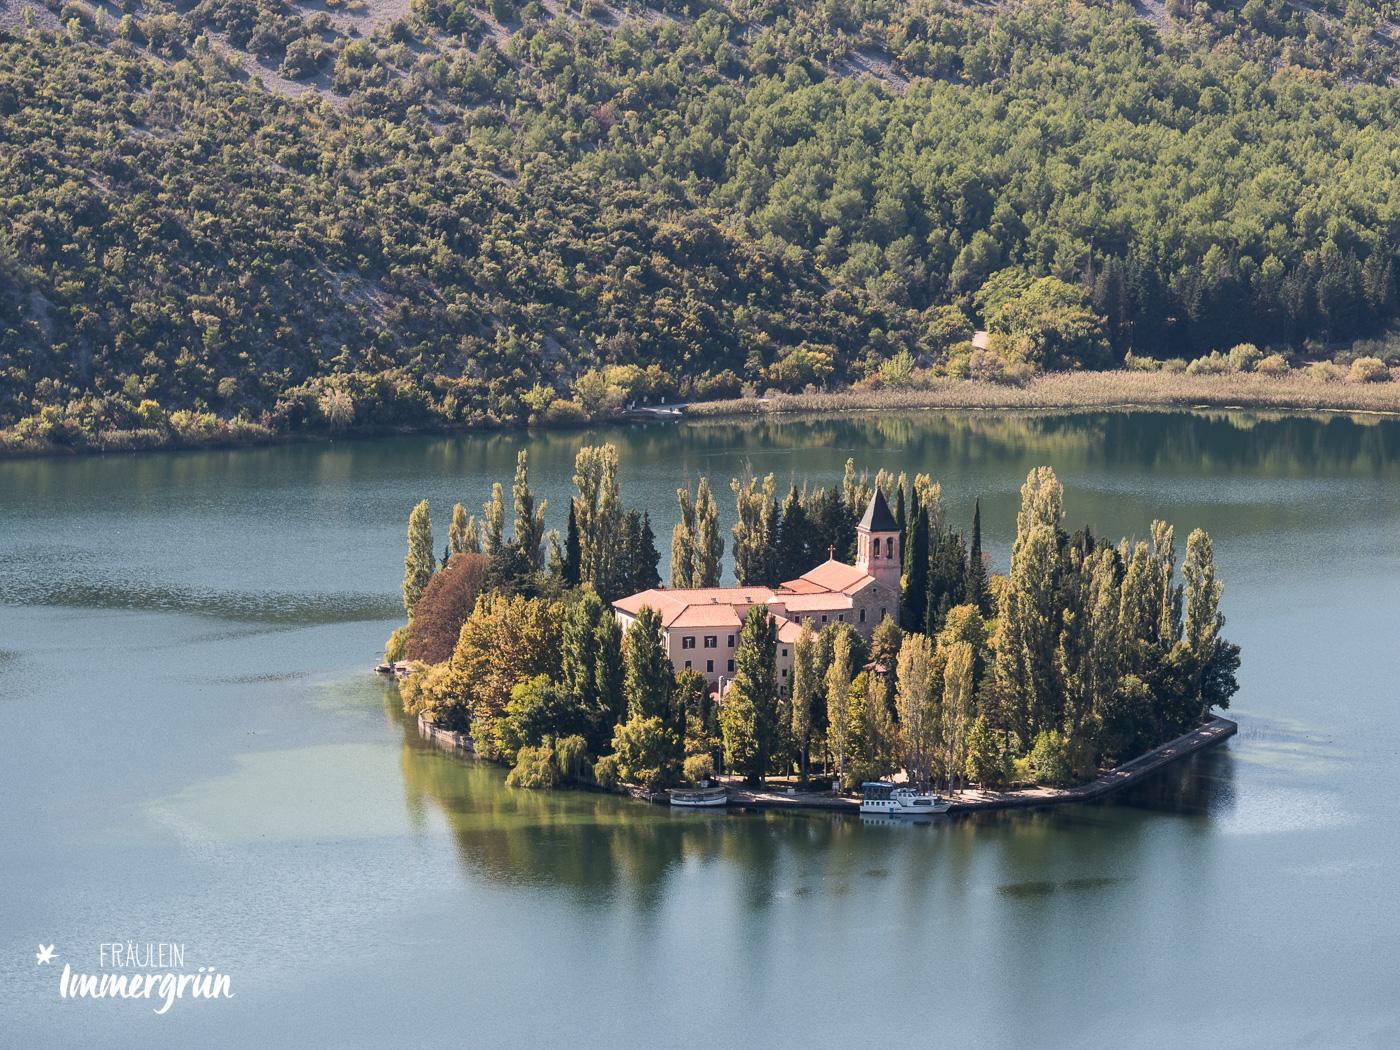 Dalmatien in Kroatien: Urlaub an der dalmatinischen Küste in der Nebensaison – Nationalpark Krka Insel Visovac mit Kloster